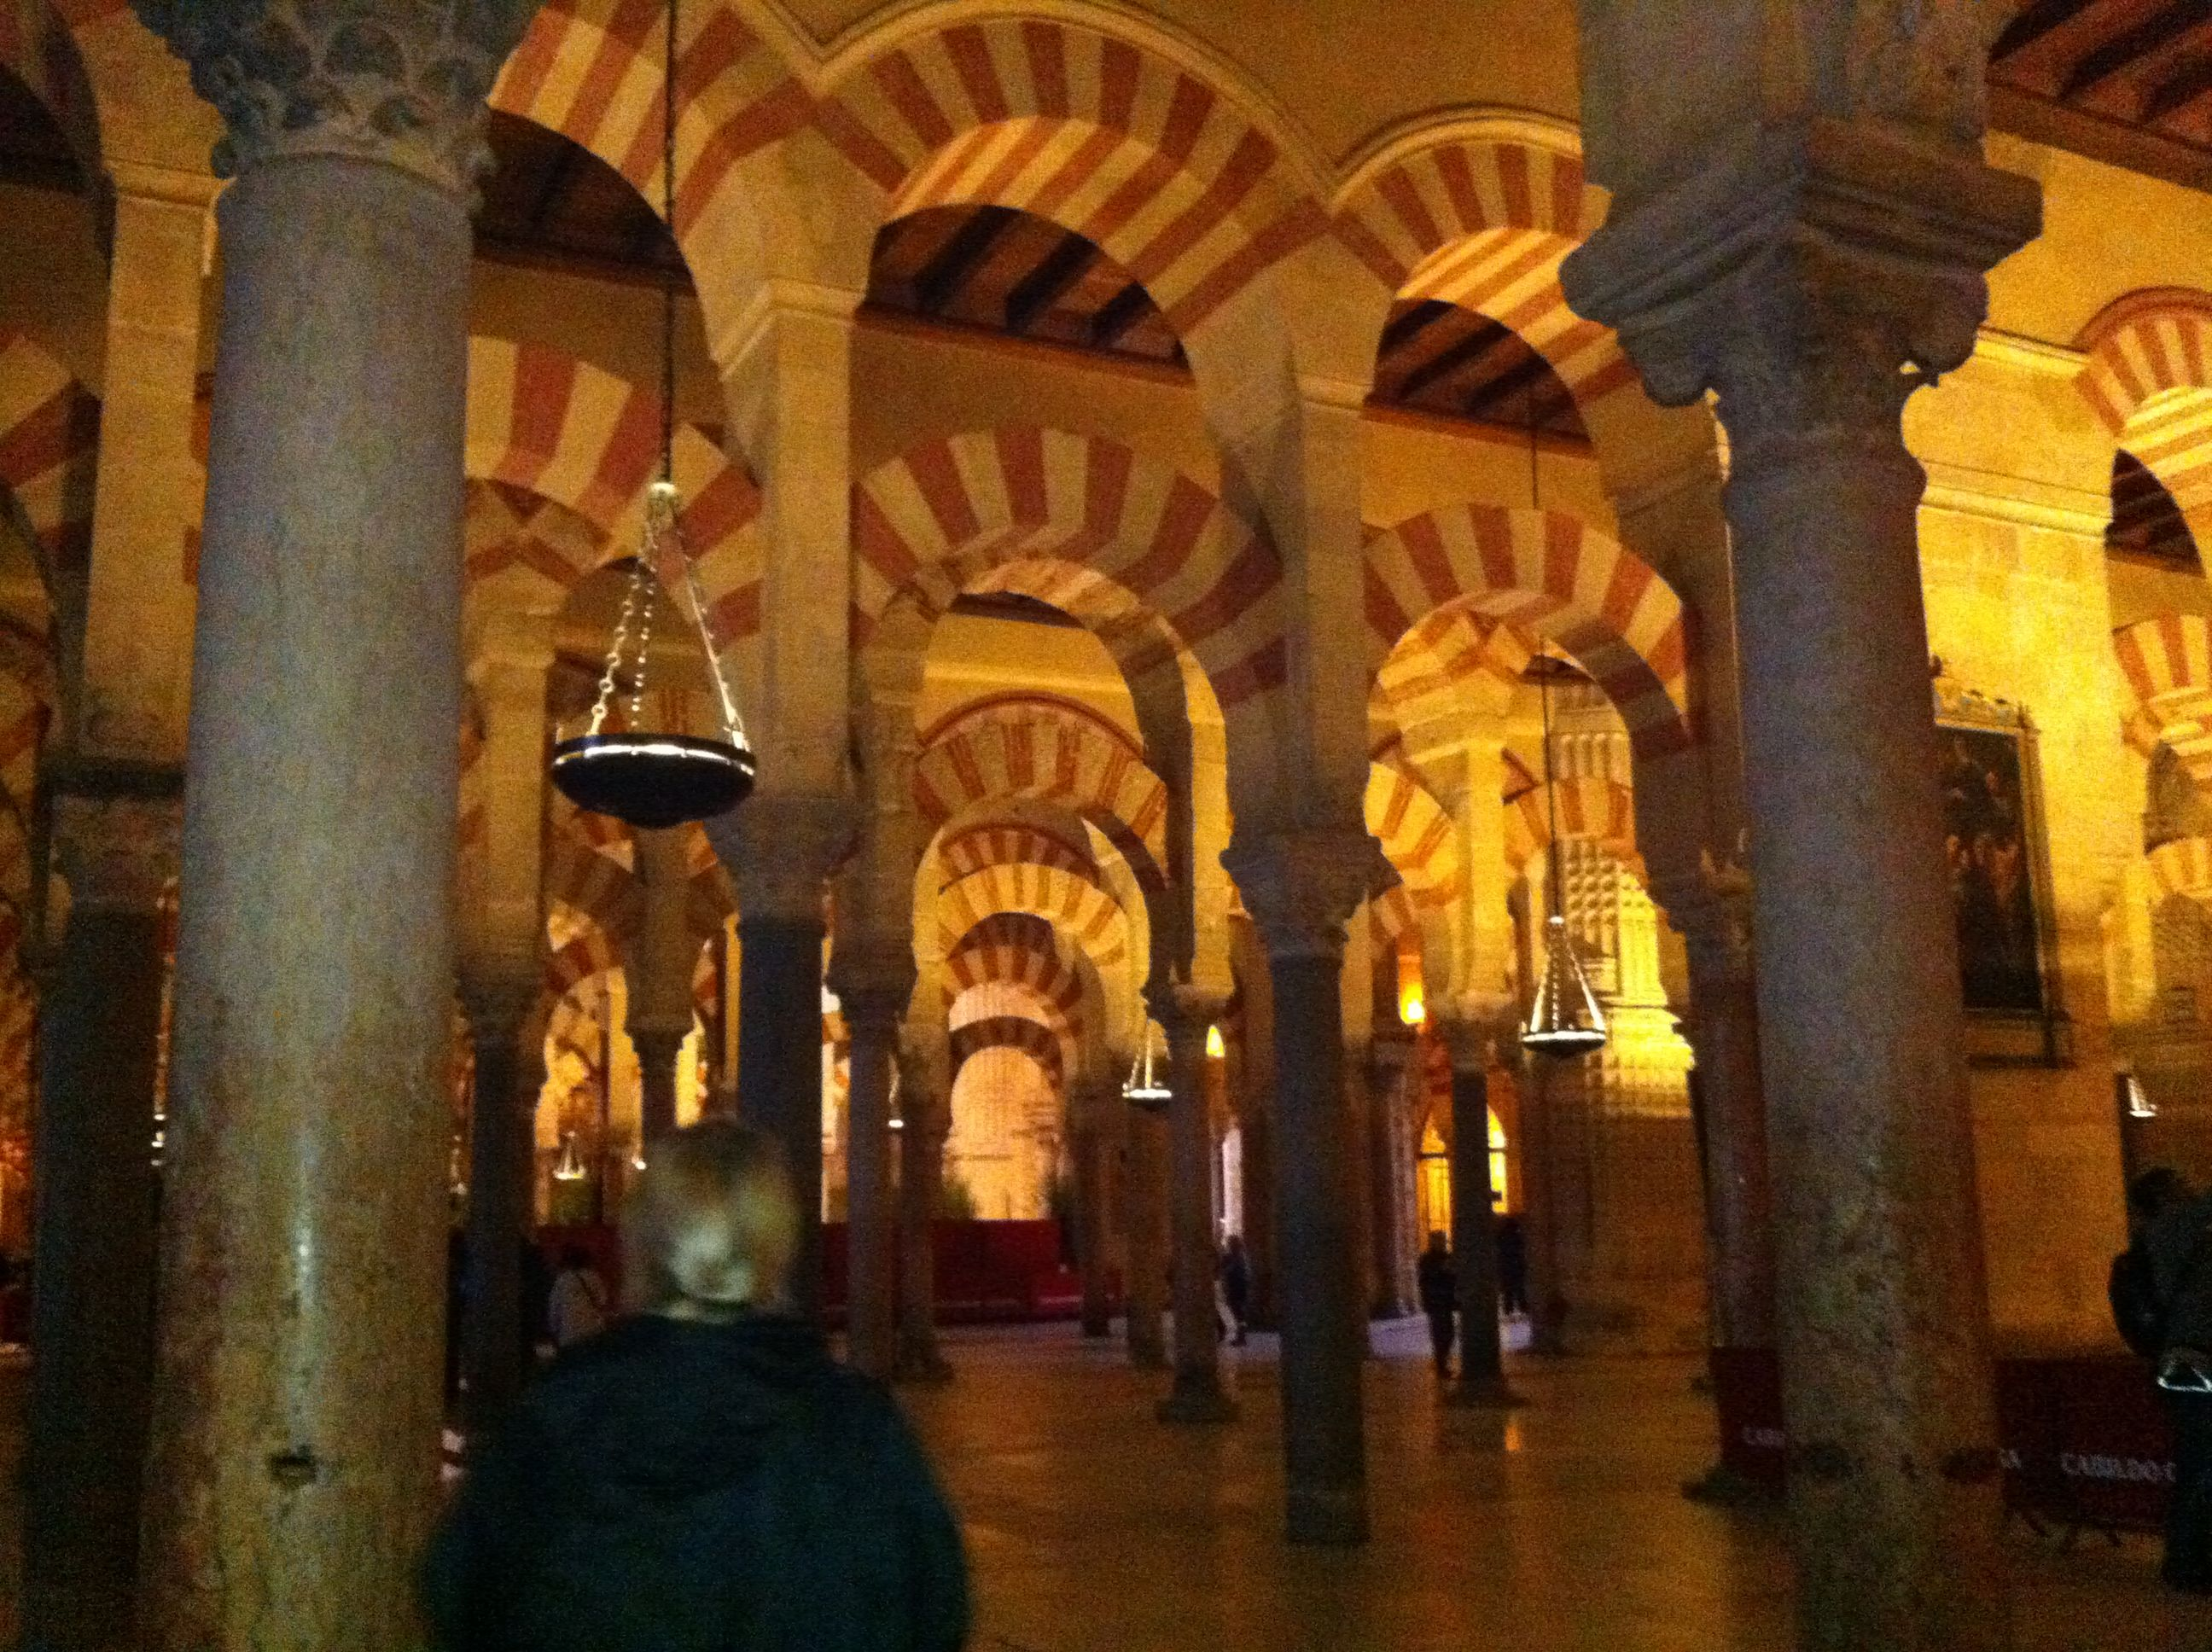 La Mezquita Mosque in Cordoba, Spain